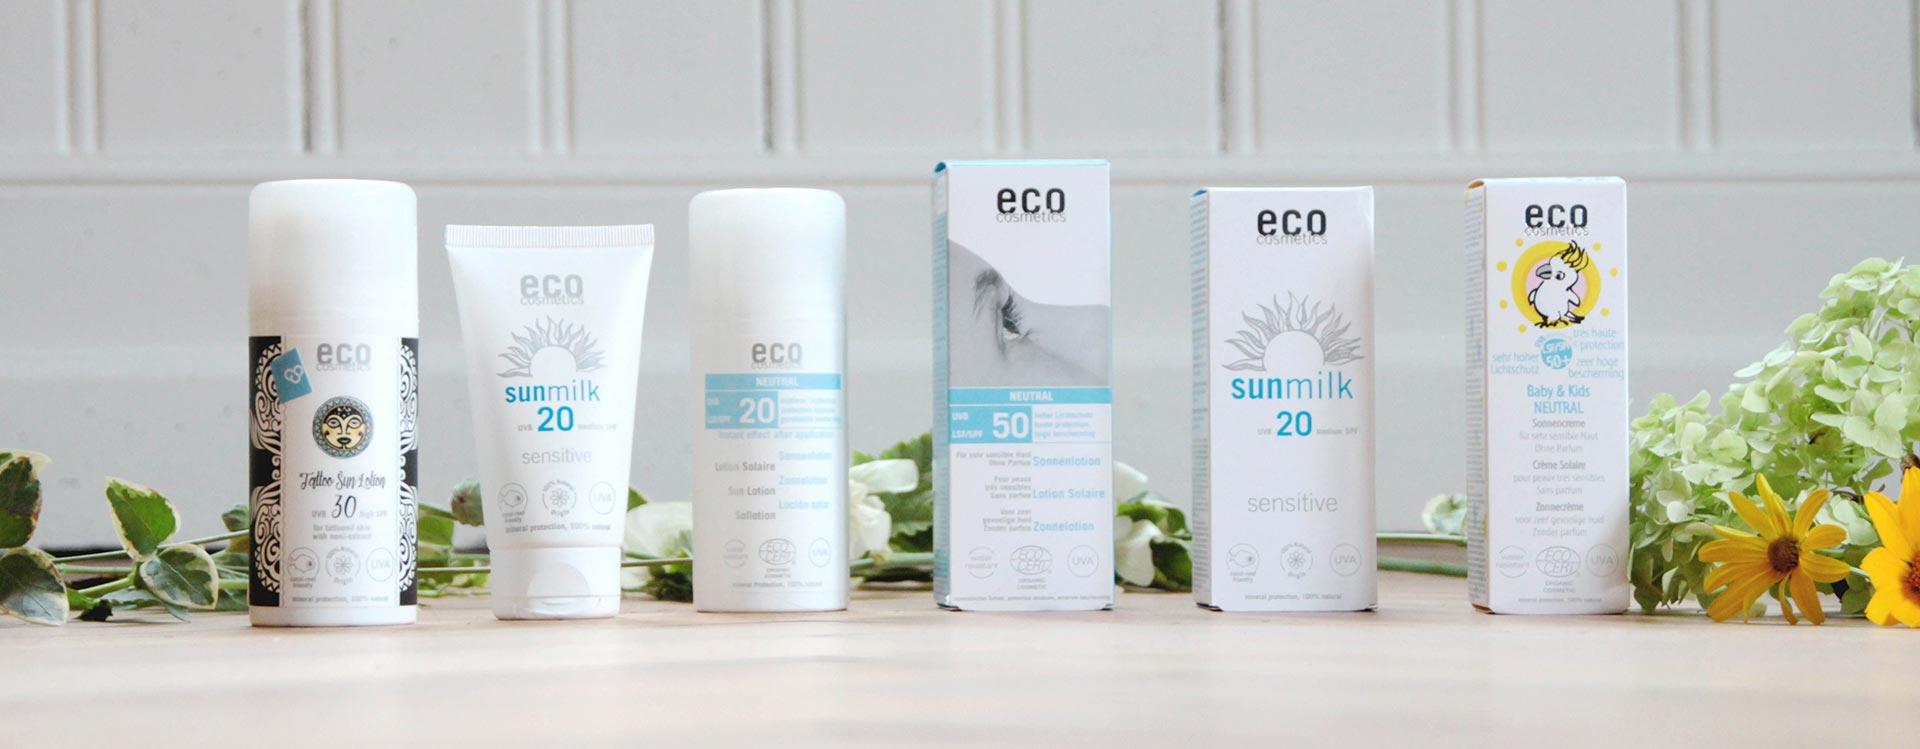 Natürlicher Sonnenschutz für Kinder und Erwachsene von Eco Cosmetics.